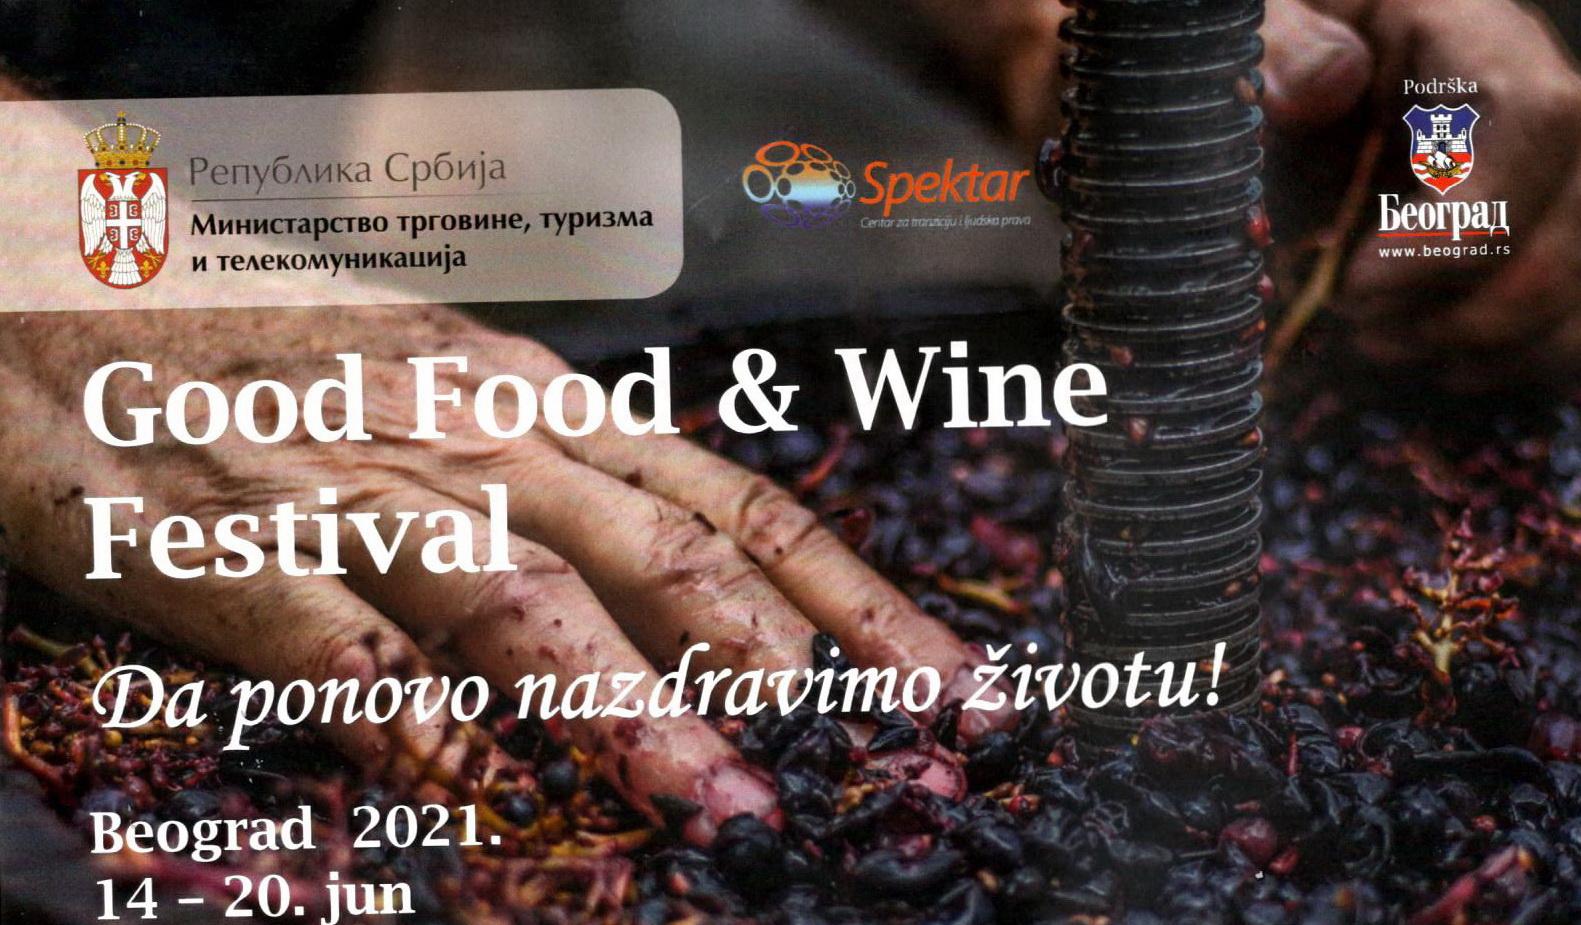 """GOOD FOOD&WINE FESTIVAL: """"DA PONOVO NAZDRAVIMO ŽIVOTU!"""""""